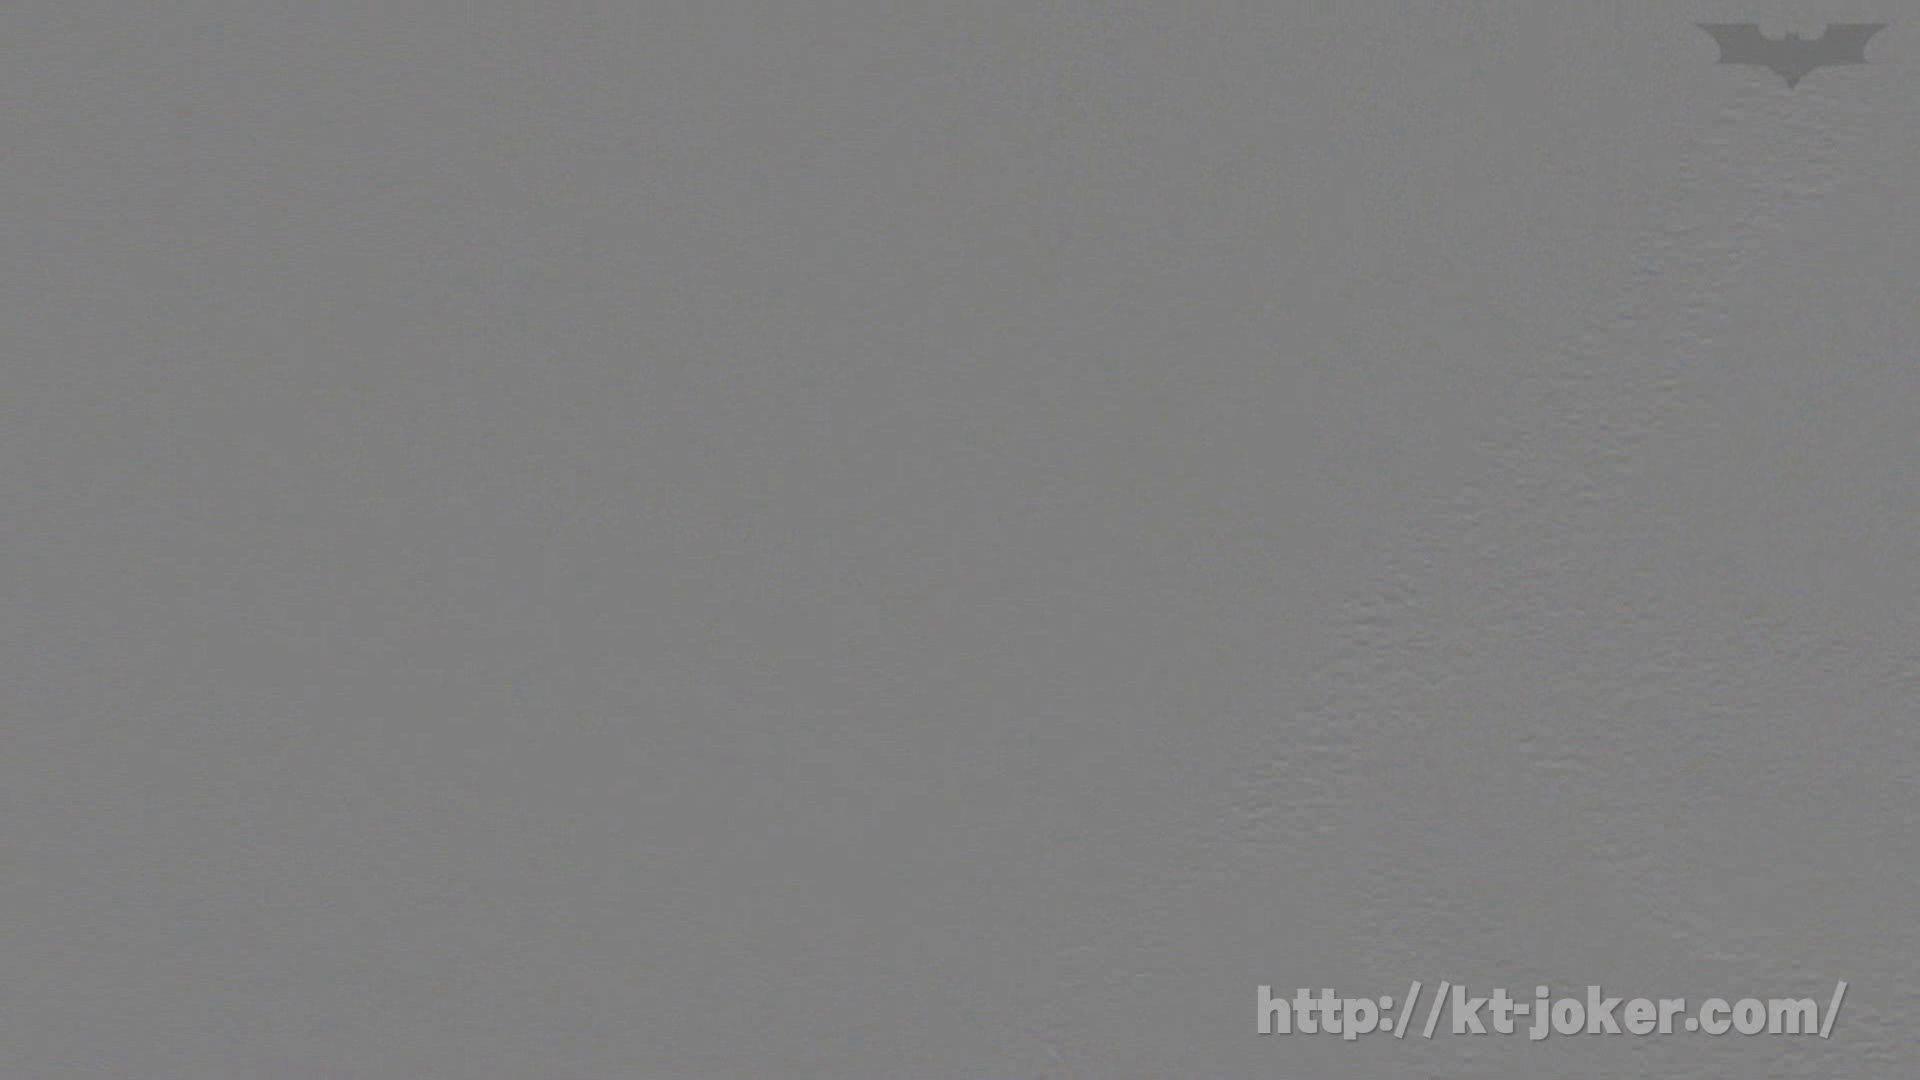 命がけ潜伏洗面所! vol.68 レベルアップ!! 洗面所 AV無料動画キャプチャ 109PIX 56